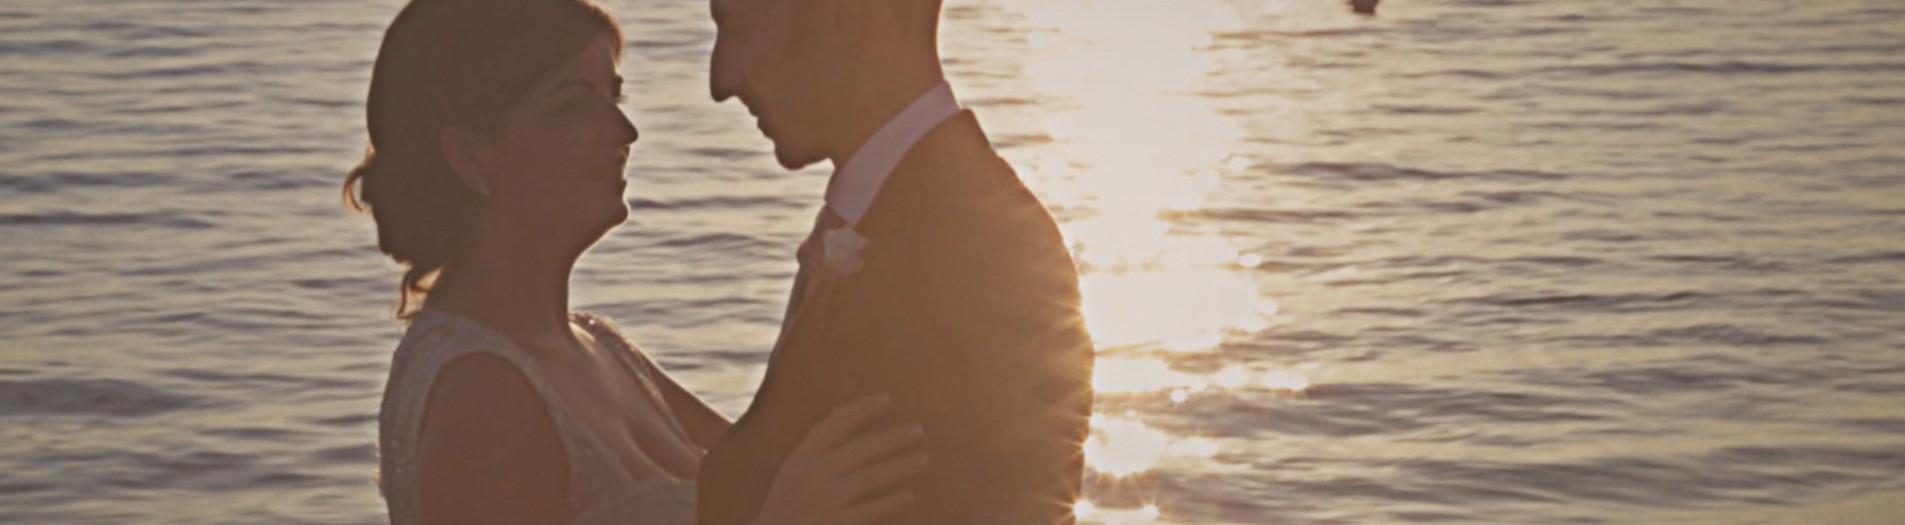 Trailer - Sabato e Lucia 19 Giugno 2013